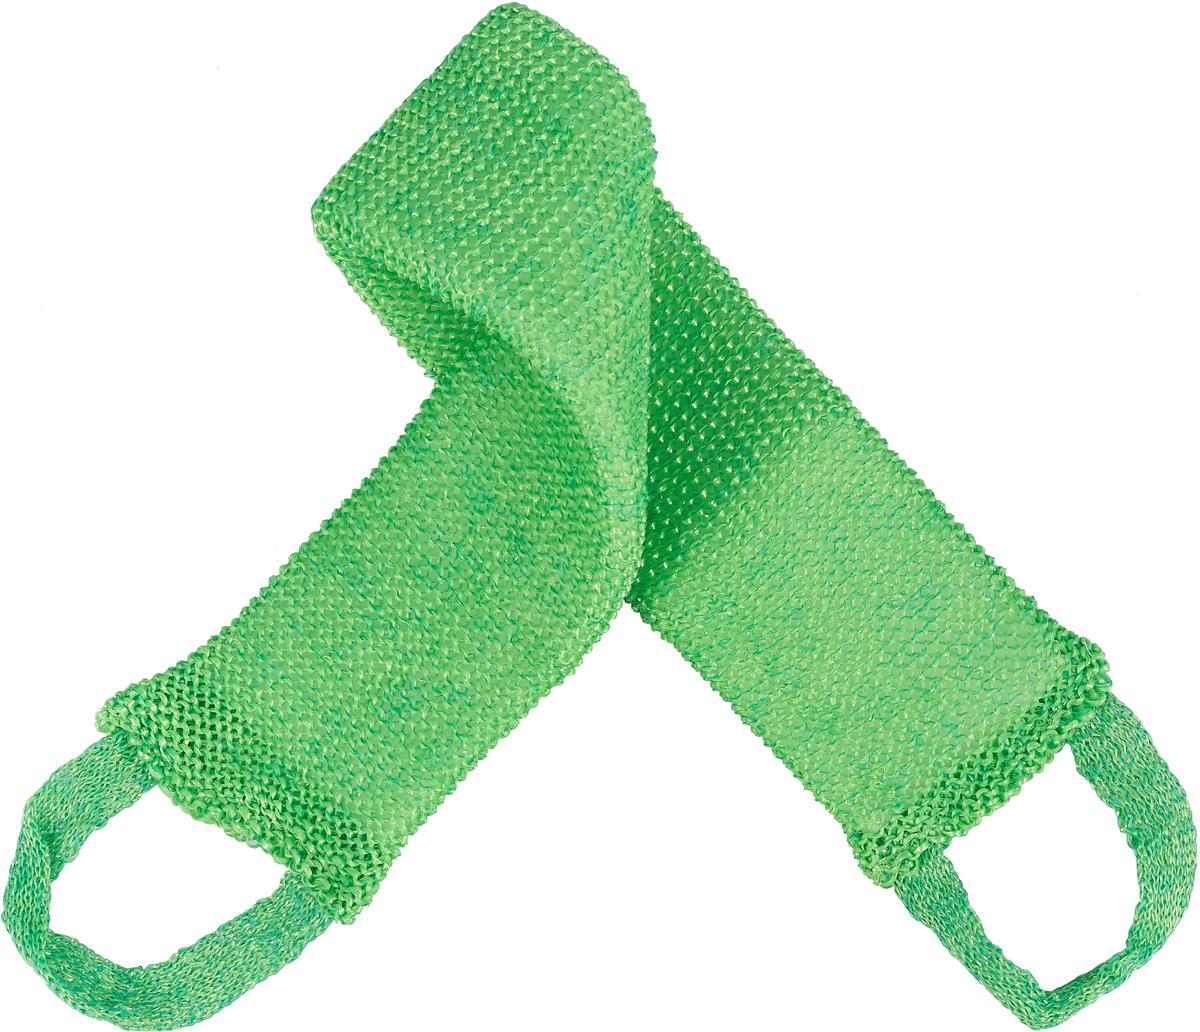 Мочалка массажная Eva Макси, цвет: зеленый, 70 см х 11 см мочалка eva овал цвет голубой 14 см х 18 см